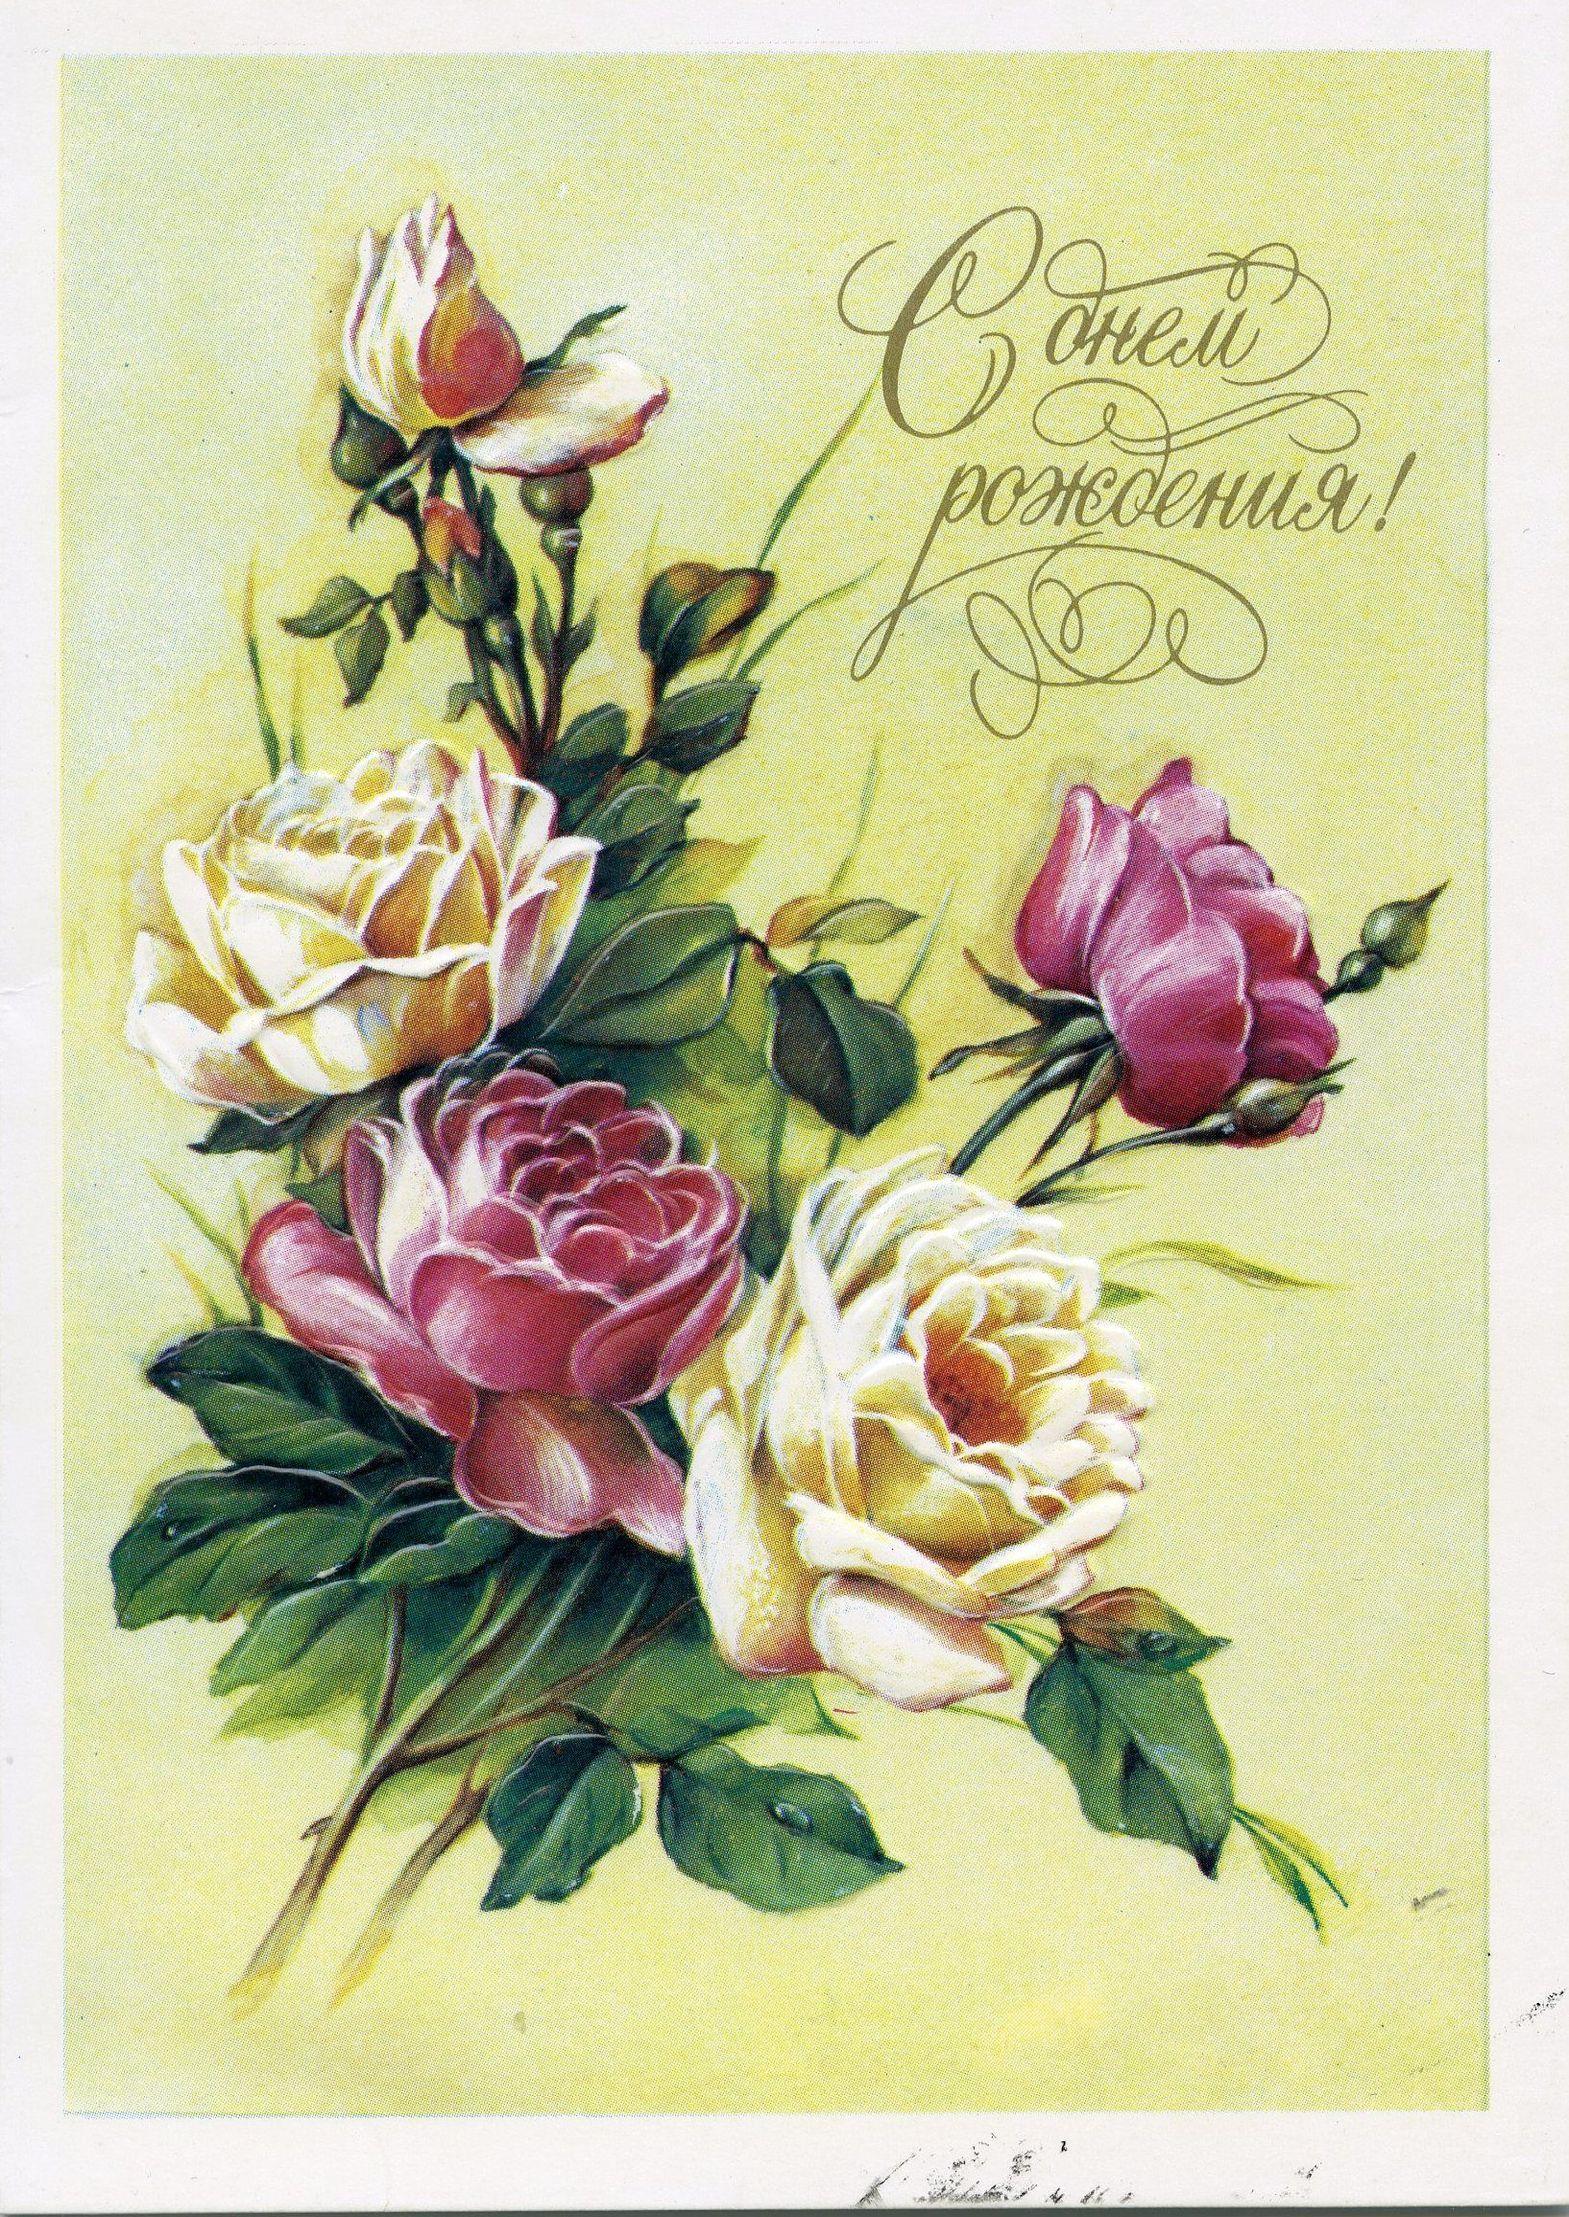 был с днем рождения цветы открытки вытянутые самец